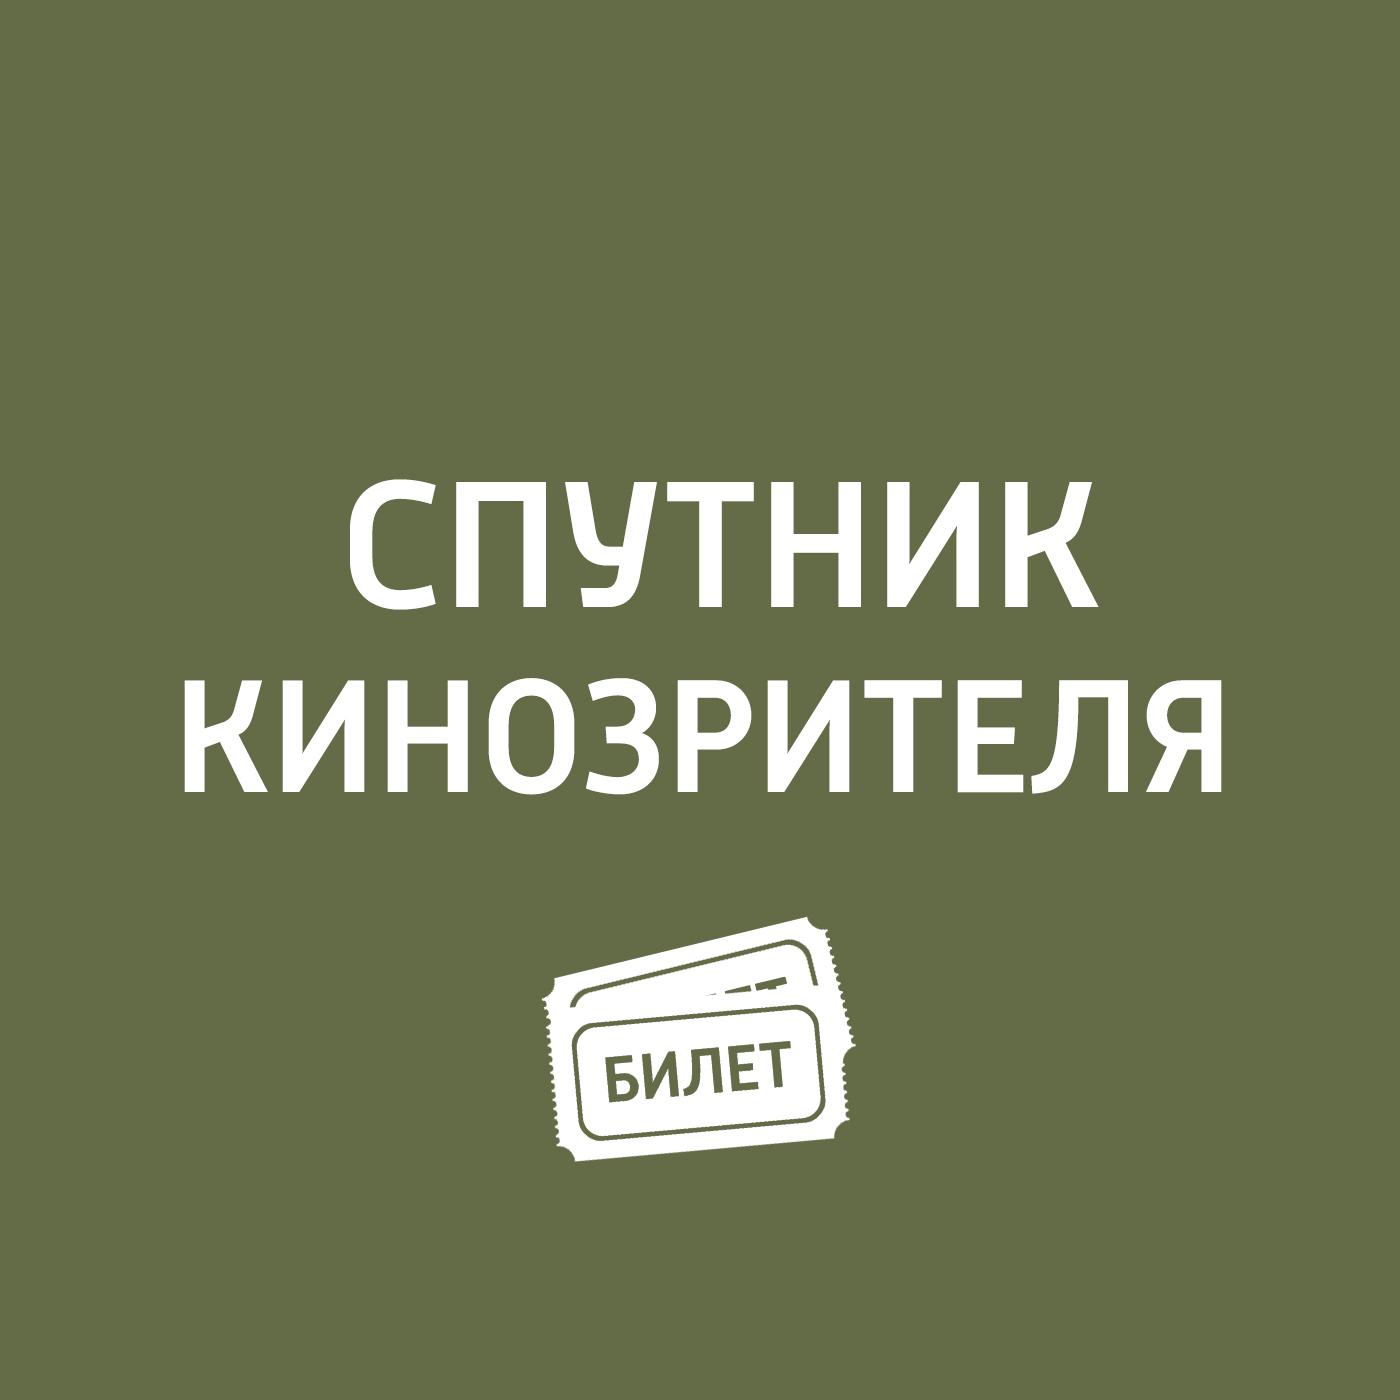 Антон Долин Антон Долин о венецианском кинофестивале антон долин дни жатвы